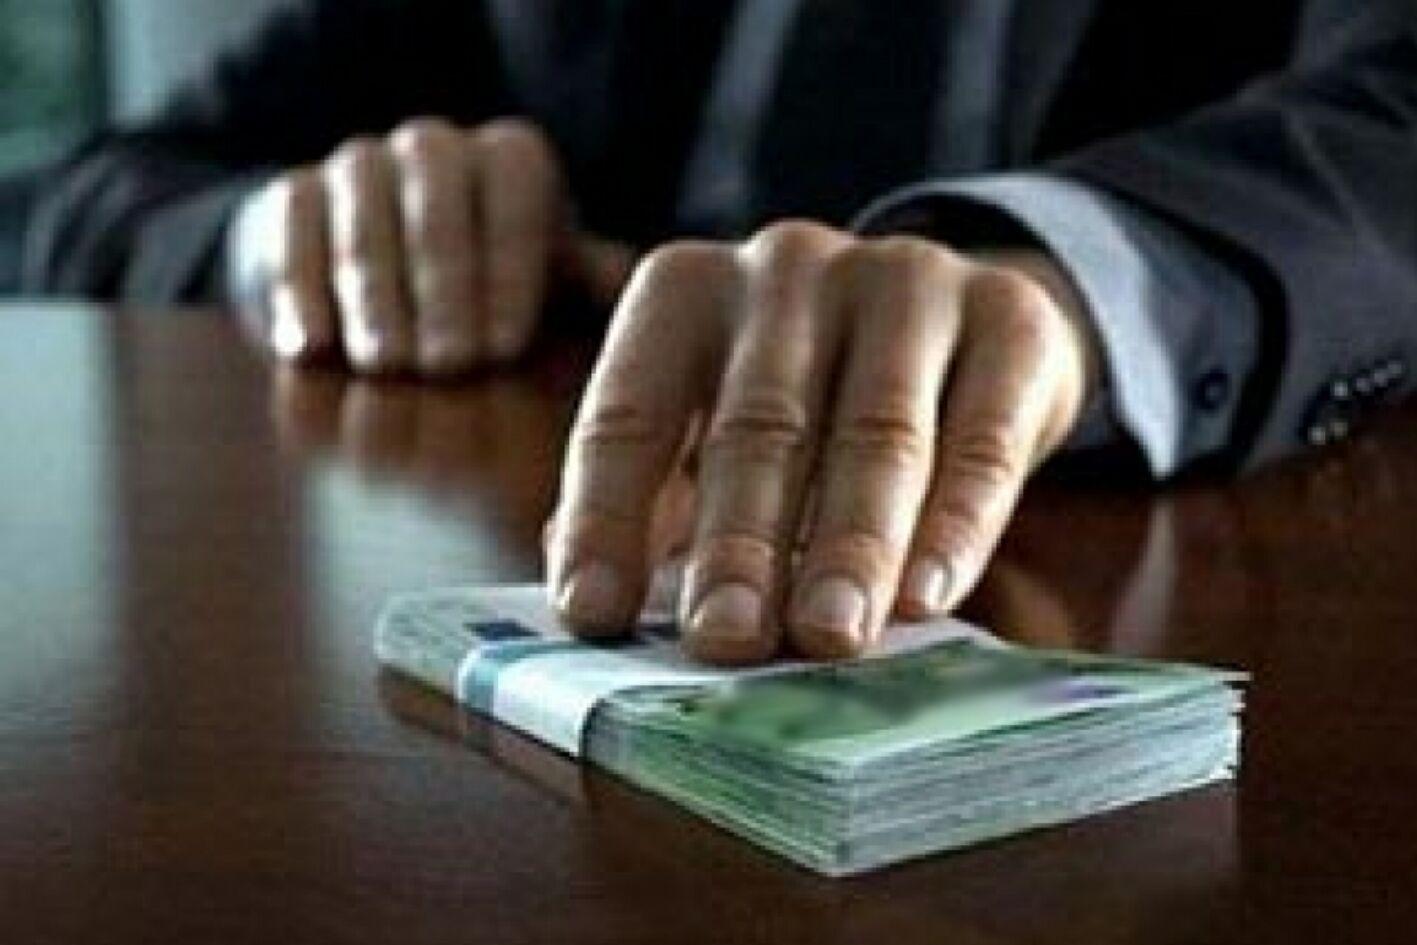 Заместитель руководителя Управления образования Шымкента задержан за взятку